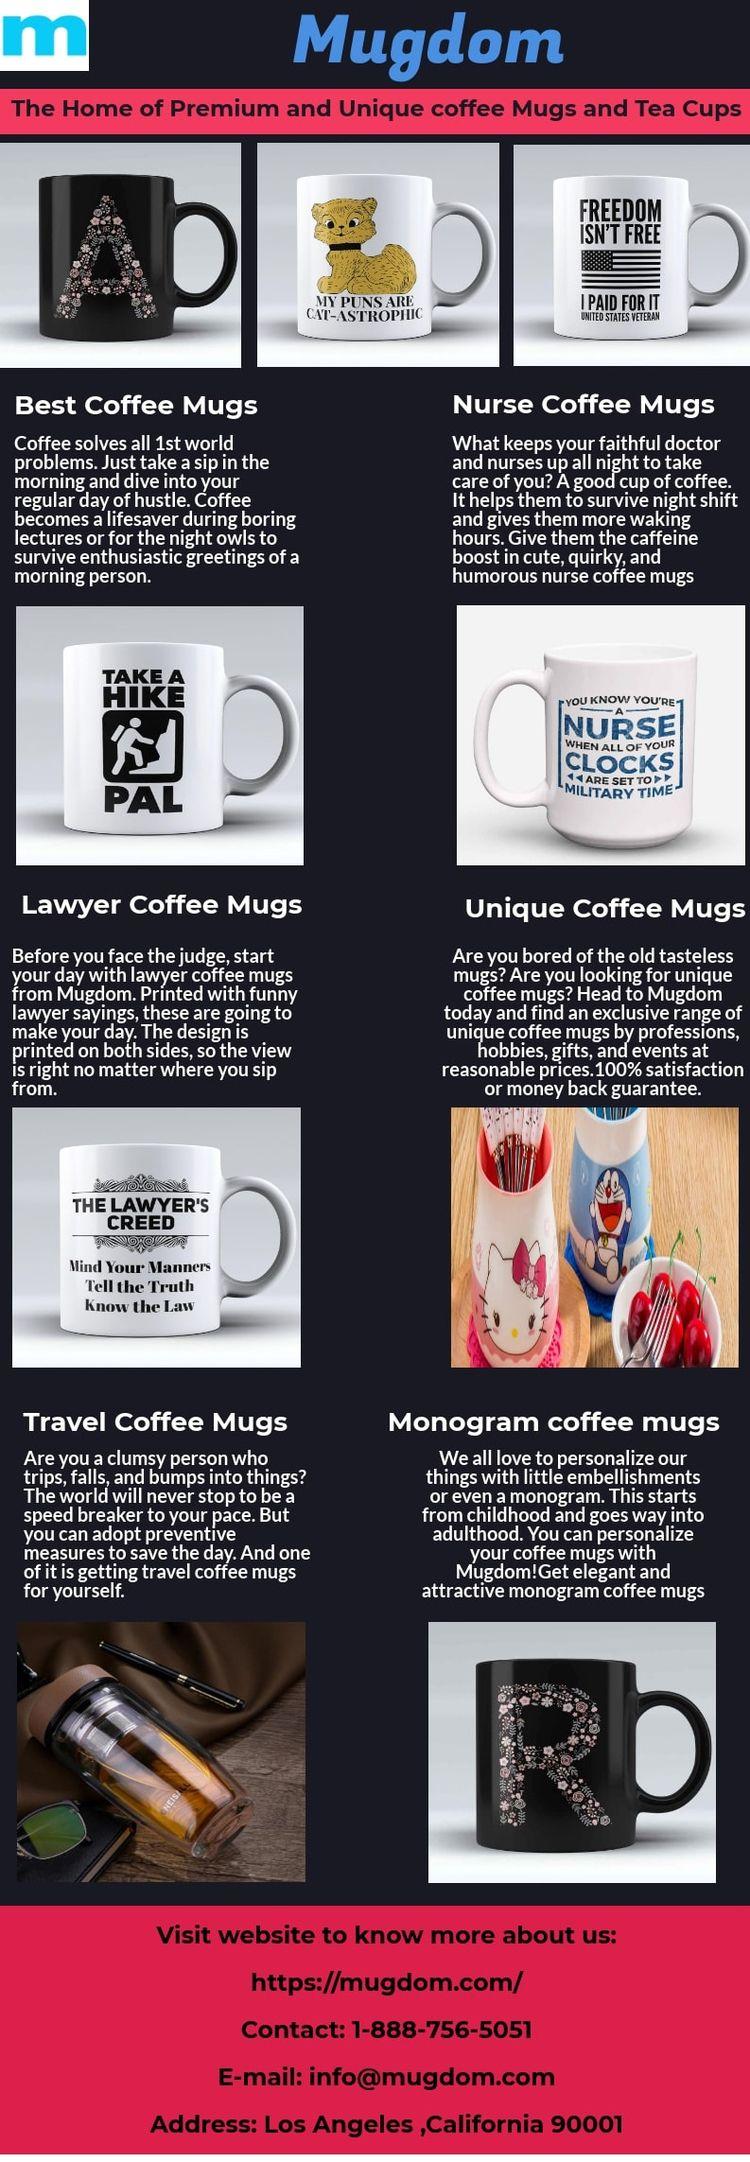 Shop Online Travel Coffee mugs  - mugdom   ello